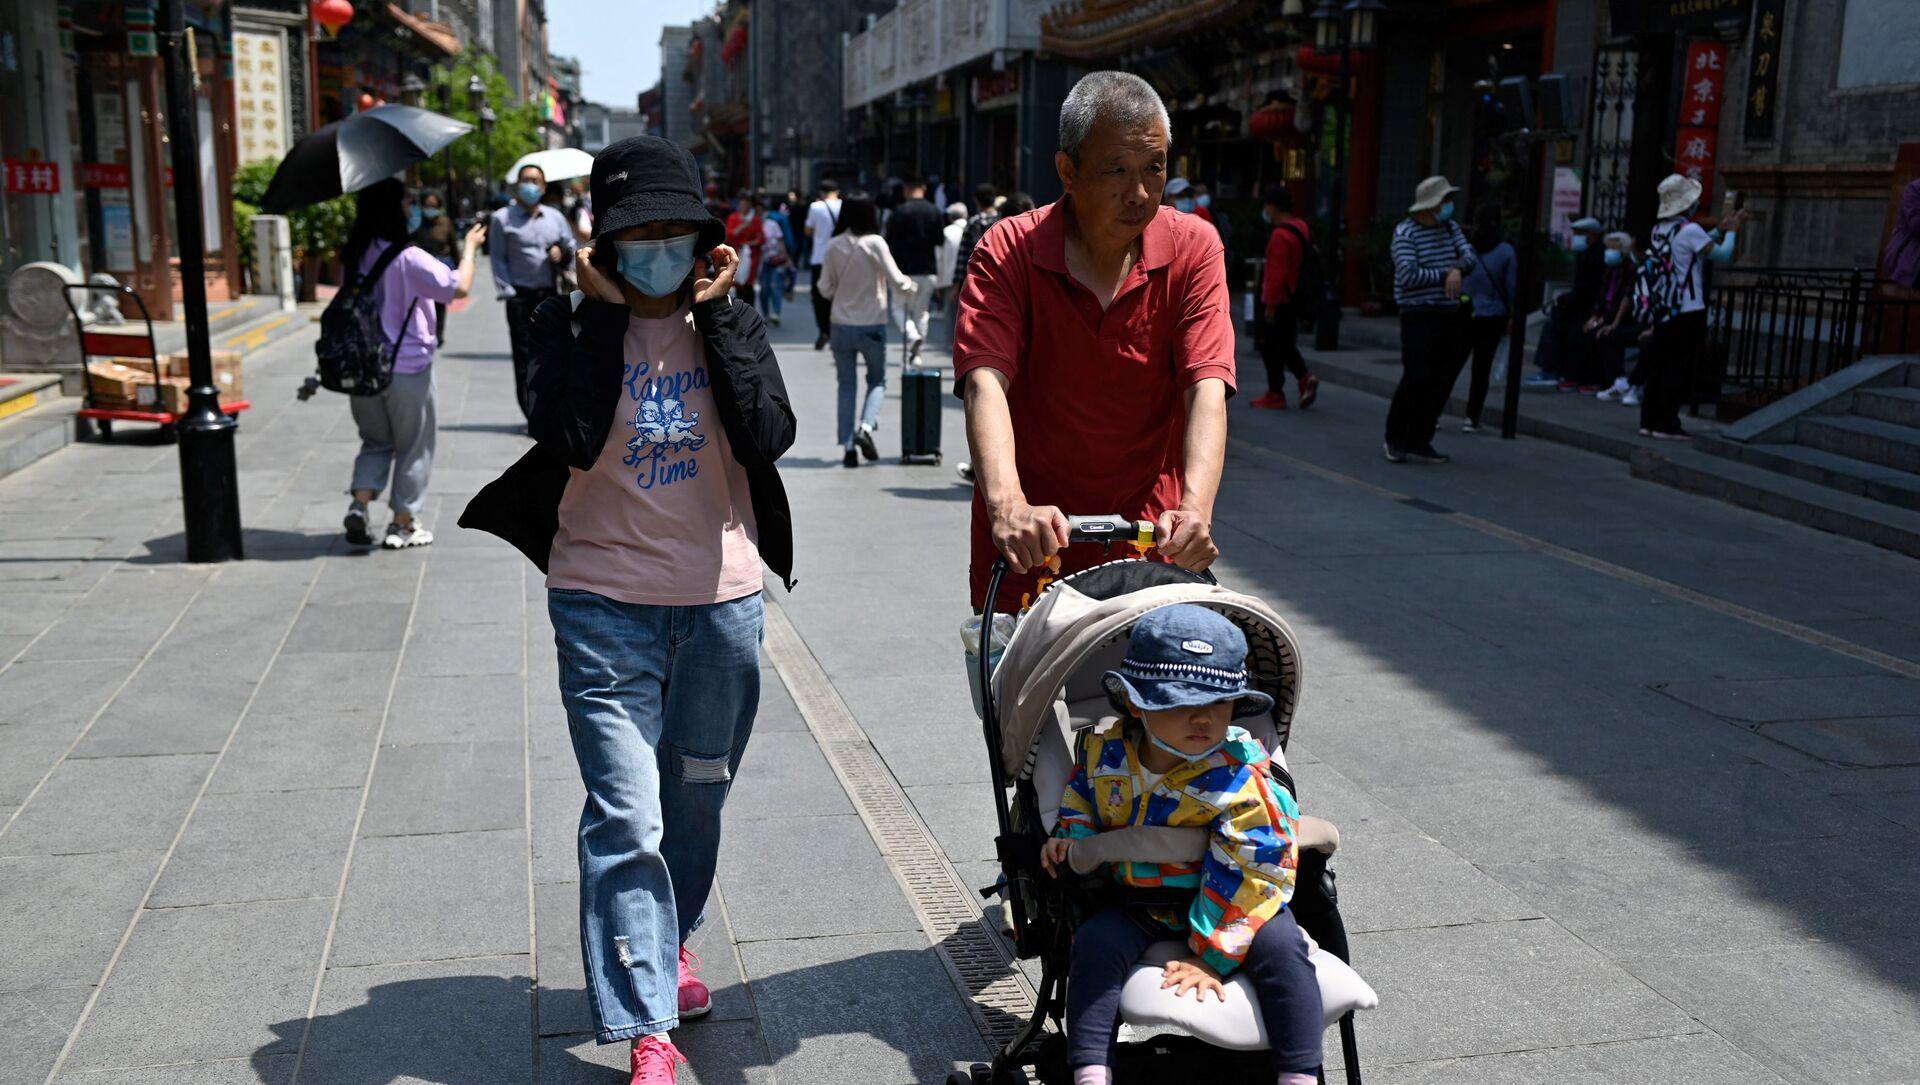 Một gia đình có con ở Bắc Kinh, Trung Quốc. - Sputnik Việt Nam, 1920, 31.05.2021